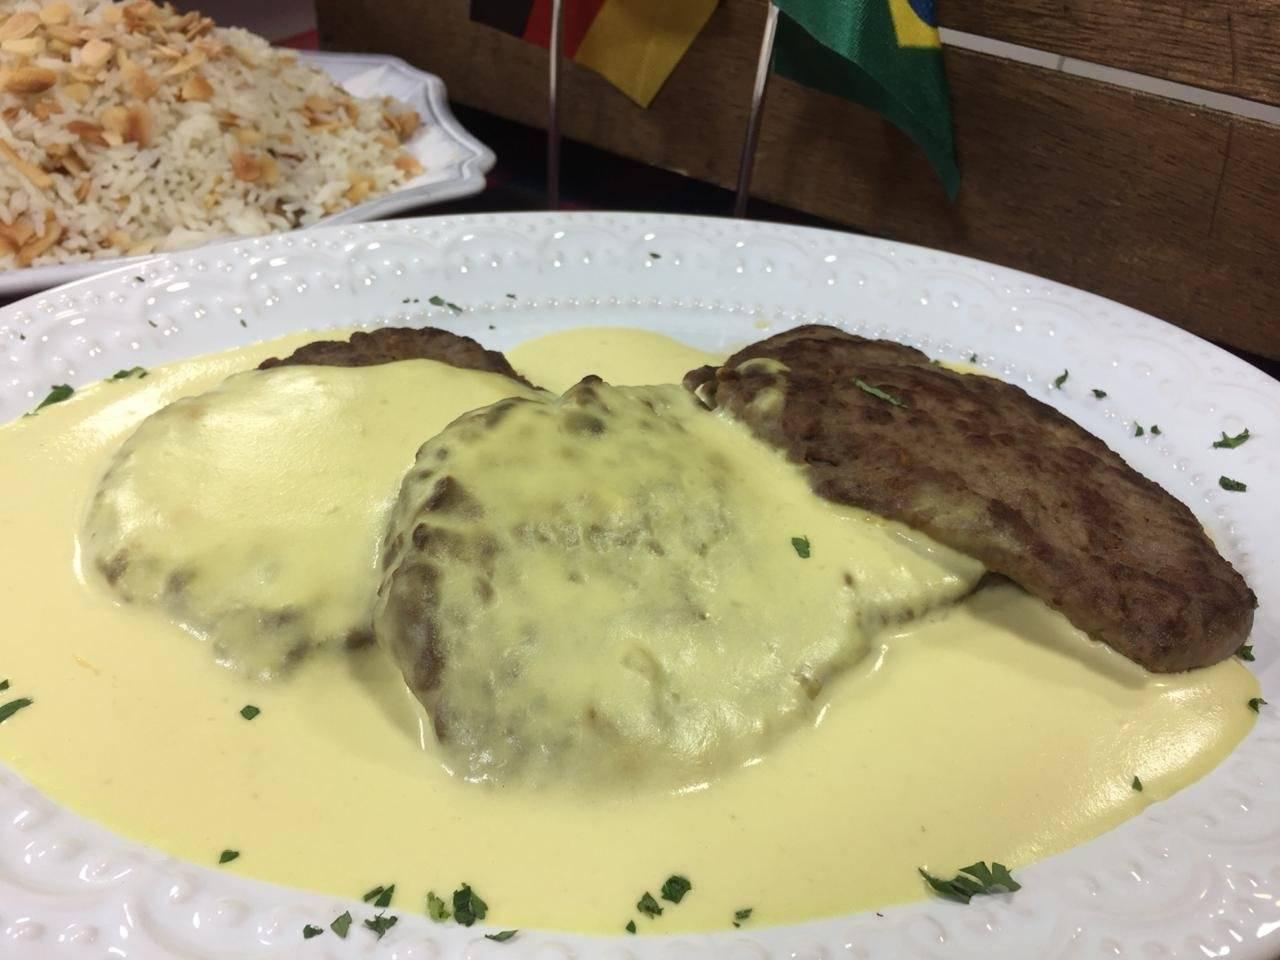 Receita de escalope de filé mignon com molho mostarda